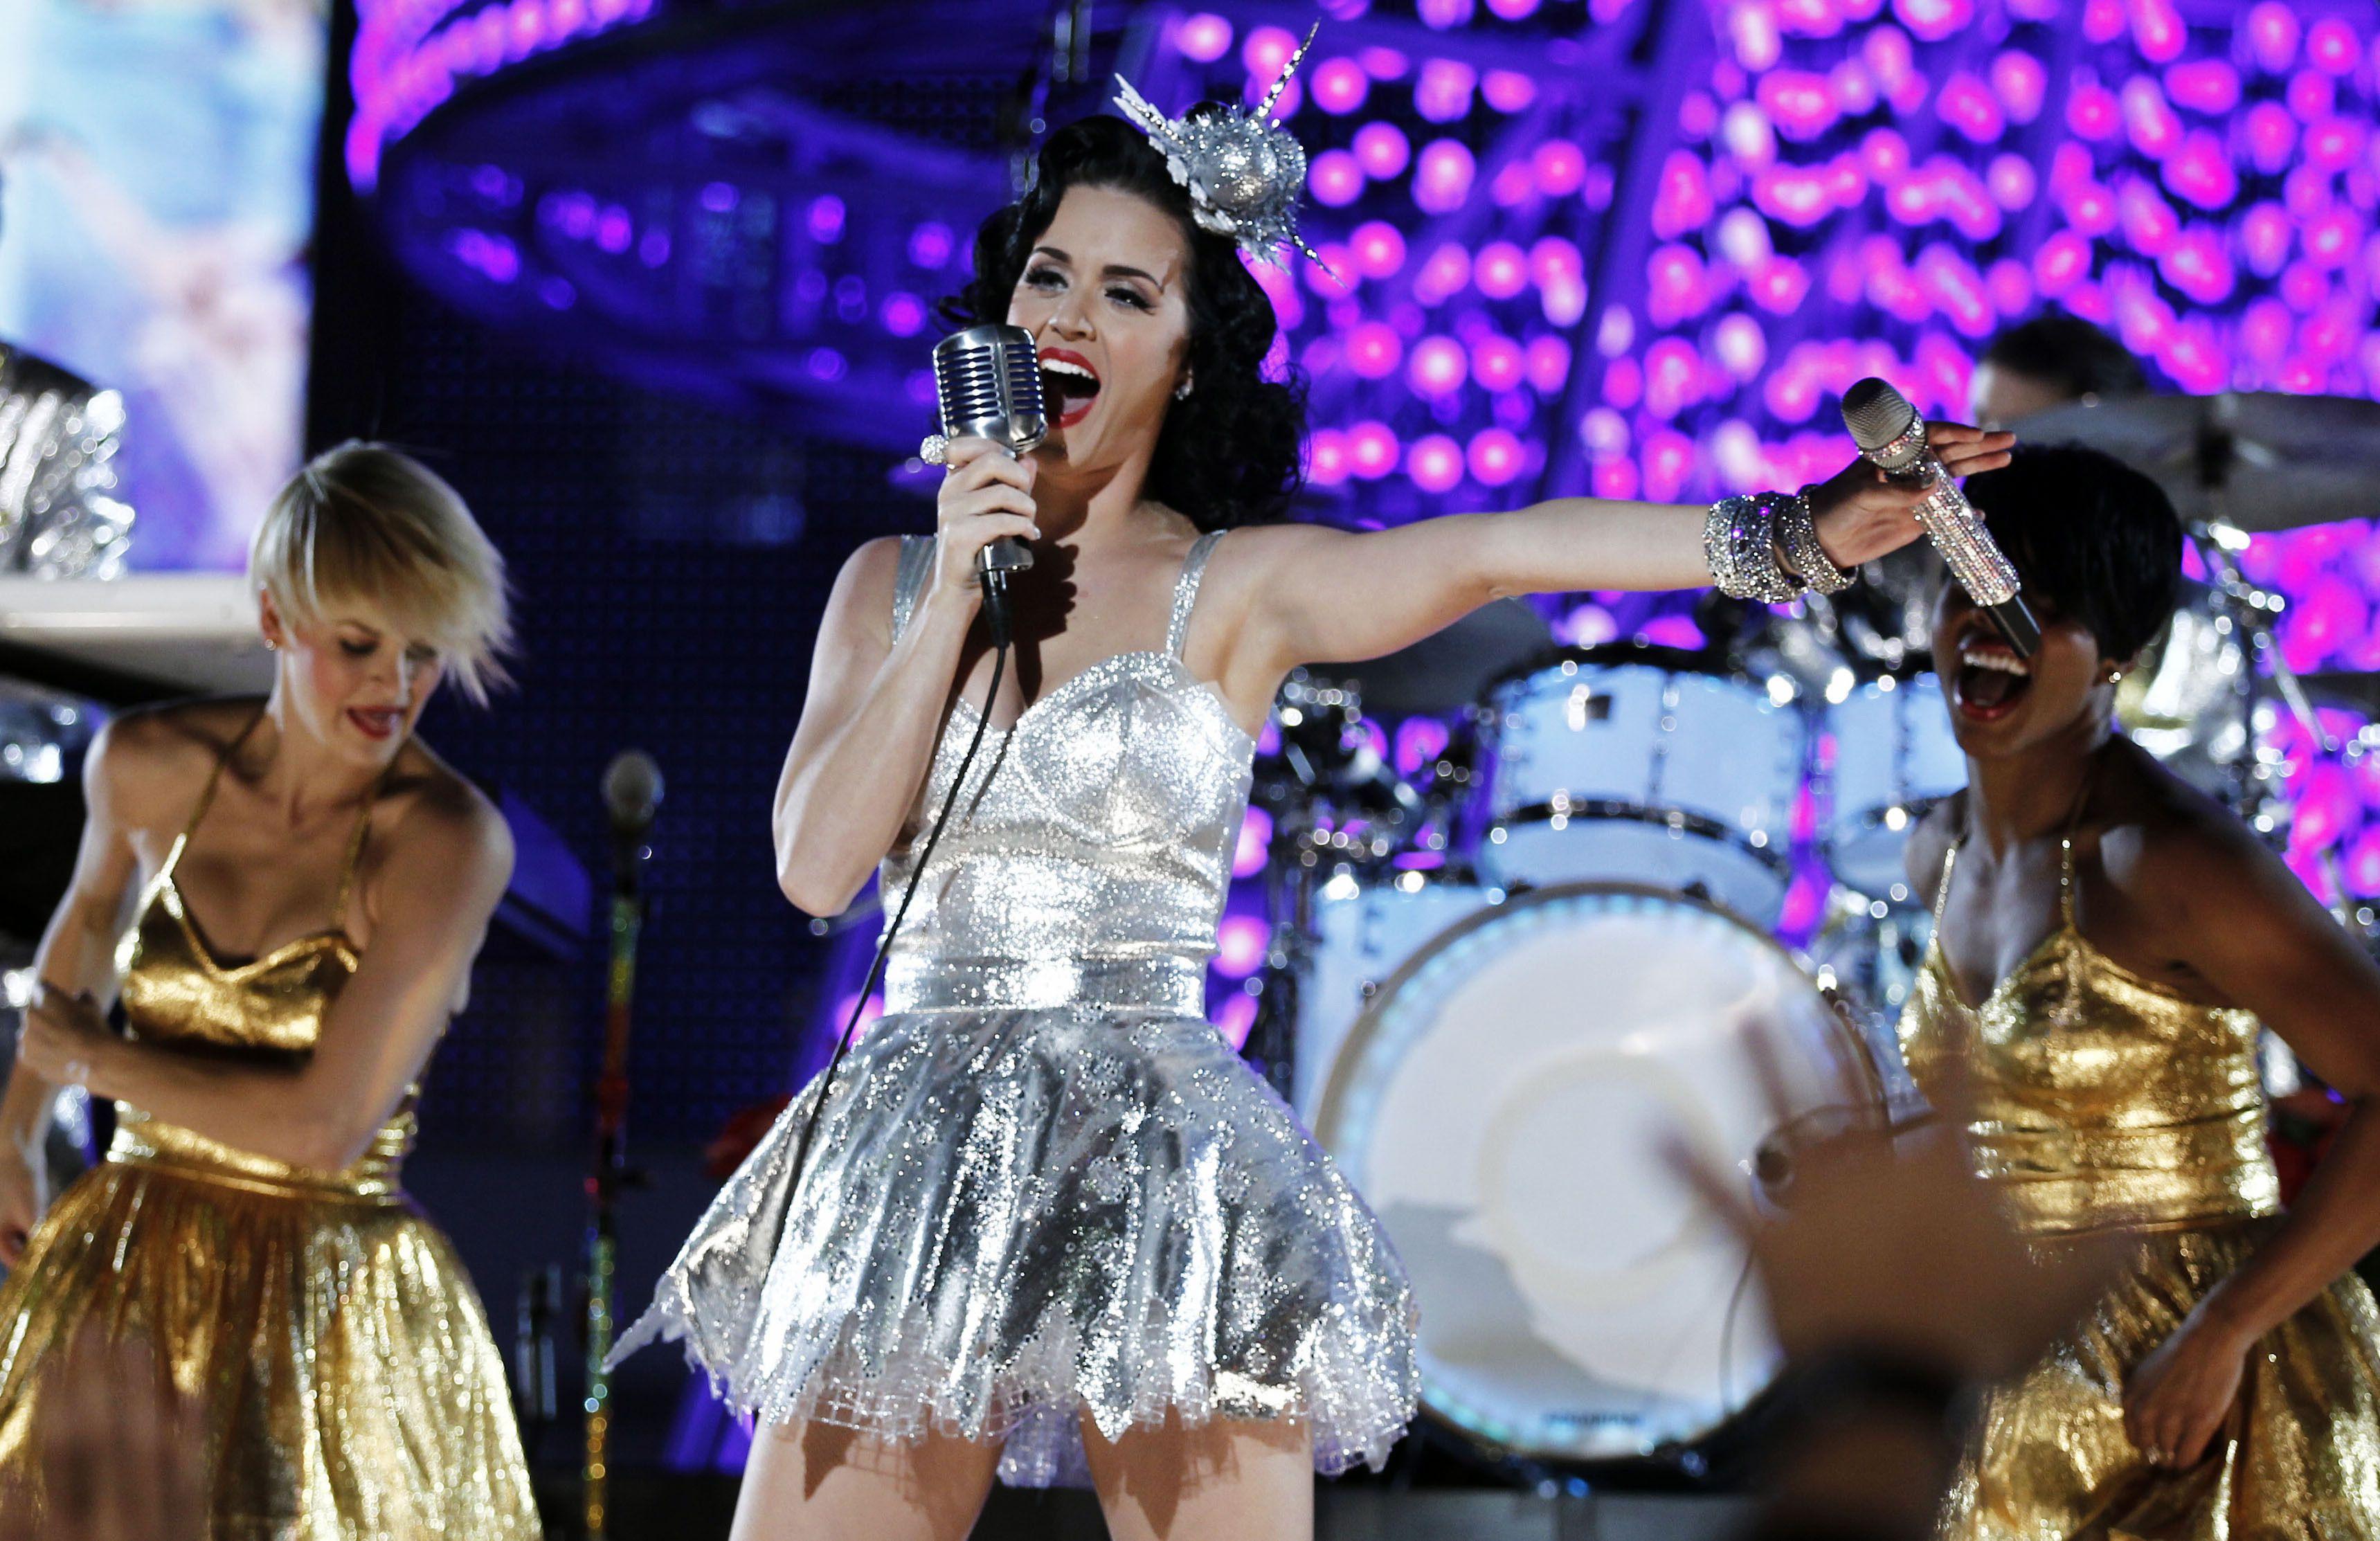 En esta foto del 30 de noviembre de 2010, Katy Perry canta durante el concierto de las nominaciones a los Grammy en Los Angeles. El vestido plateado y los trajes que BTS usó para su actuación en los Grammy a principios de año están entre los artículos que se ofrecerán en una subasta a beneficio de la organización MusiCares de la Academia de la Grabación.